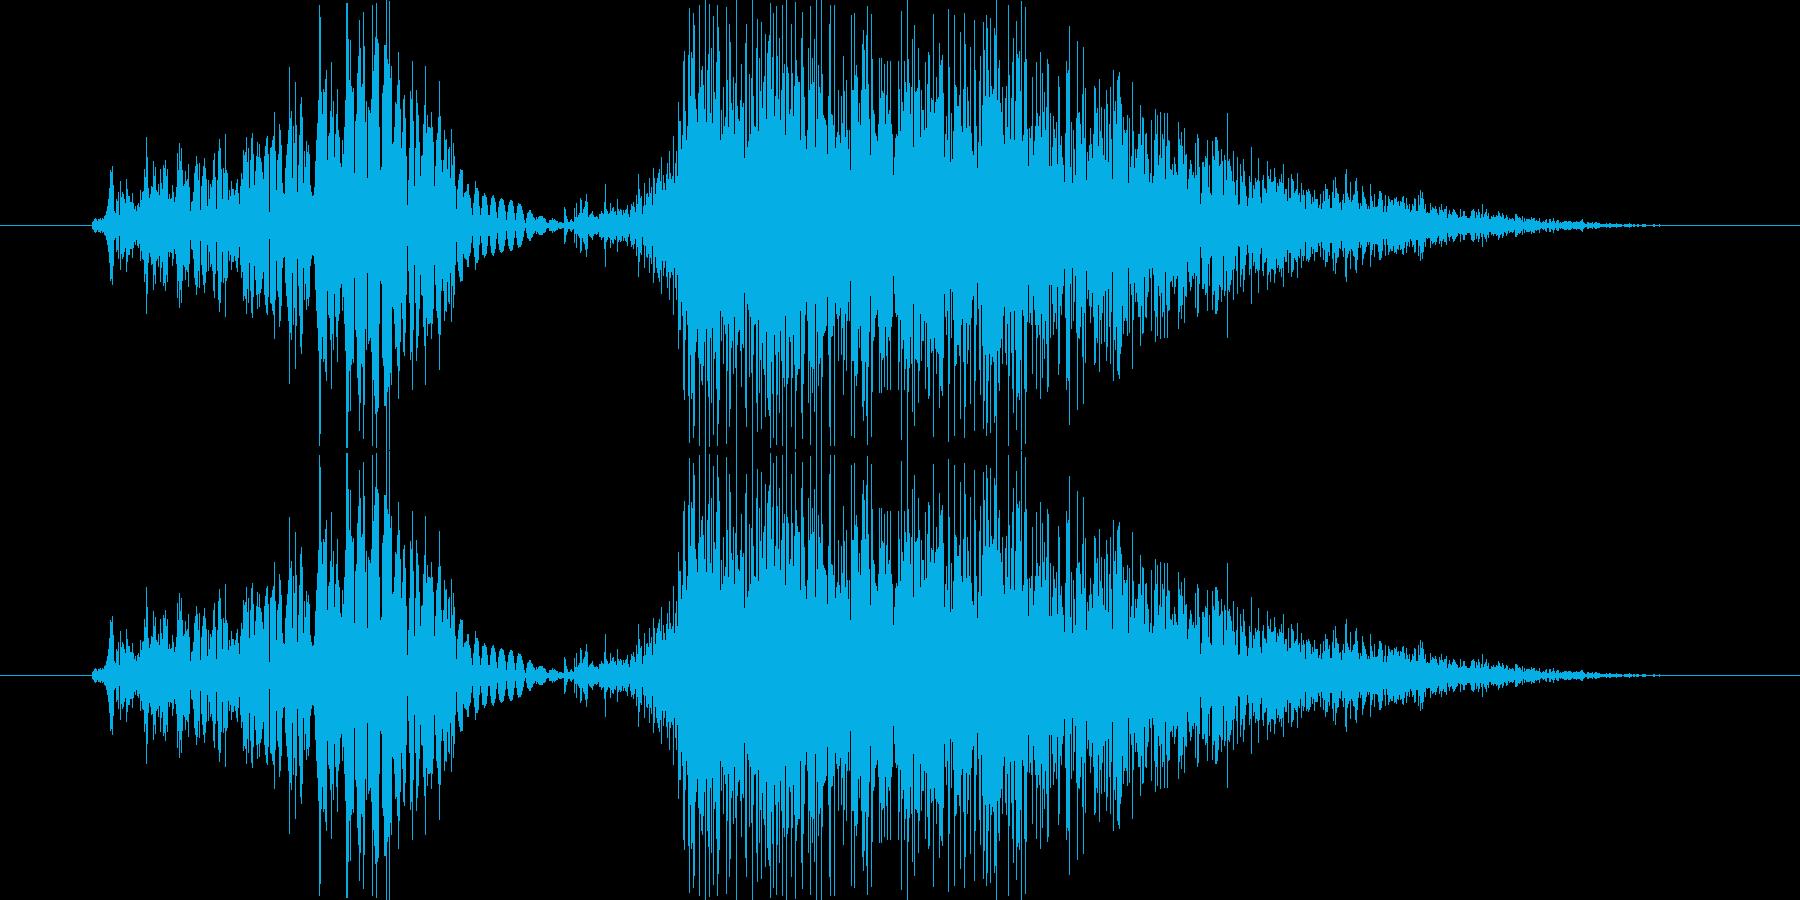 「いち」渋い男性の声の再生済みの波形